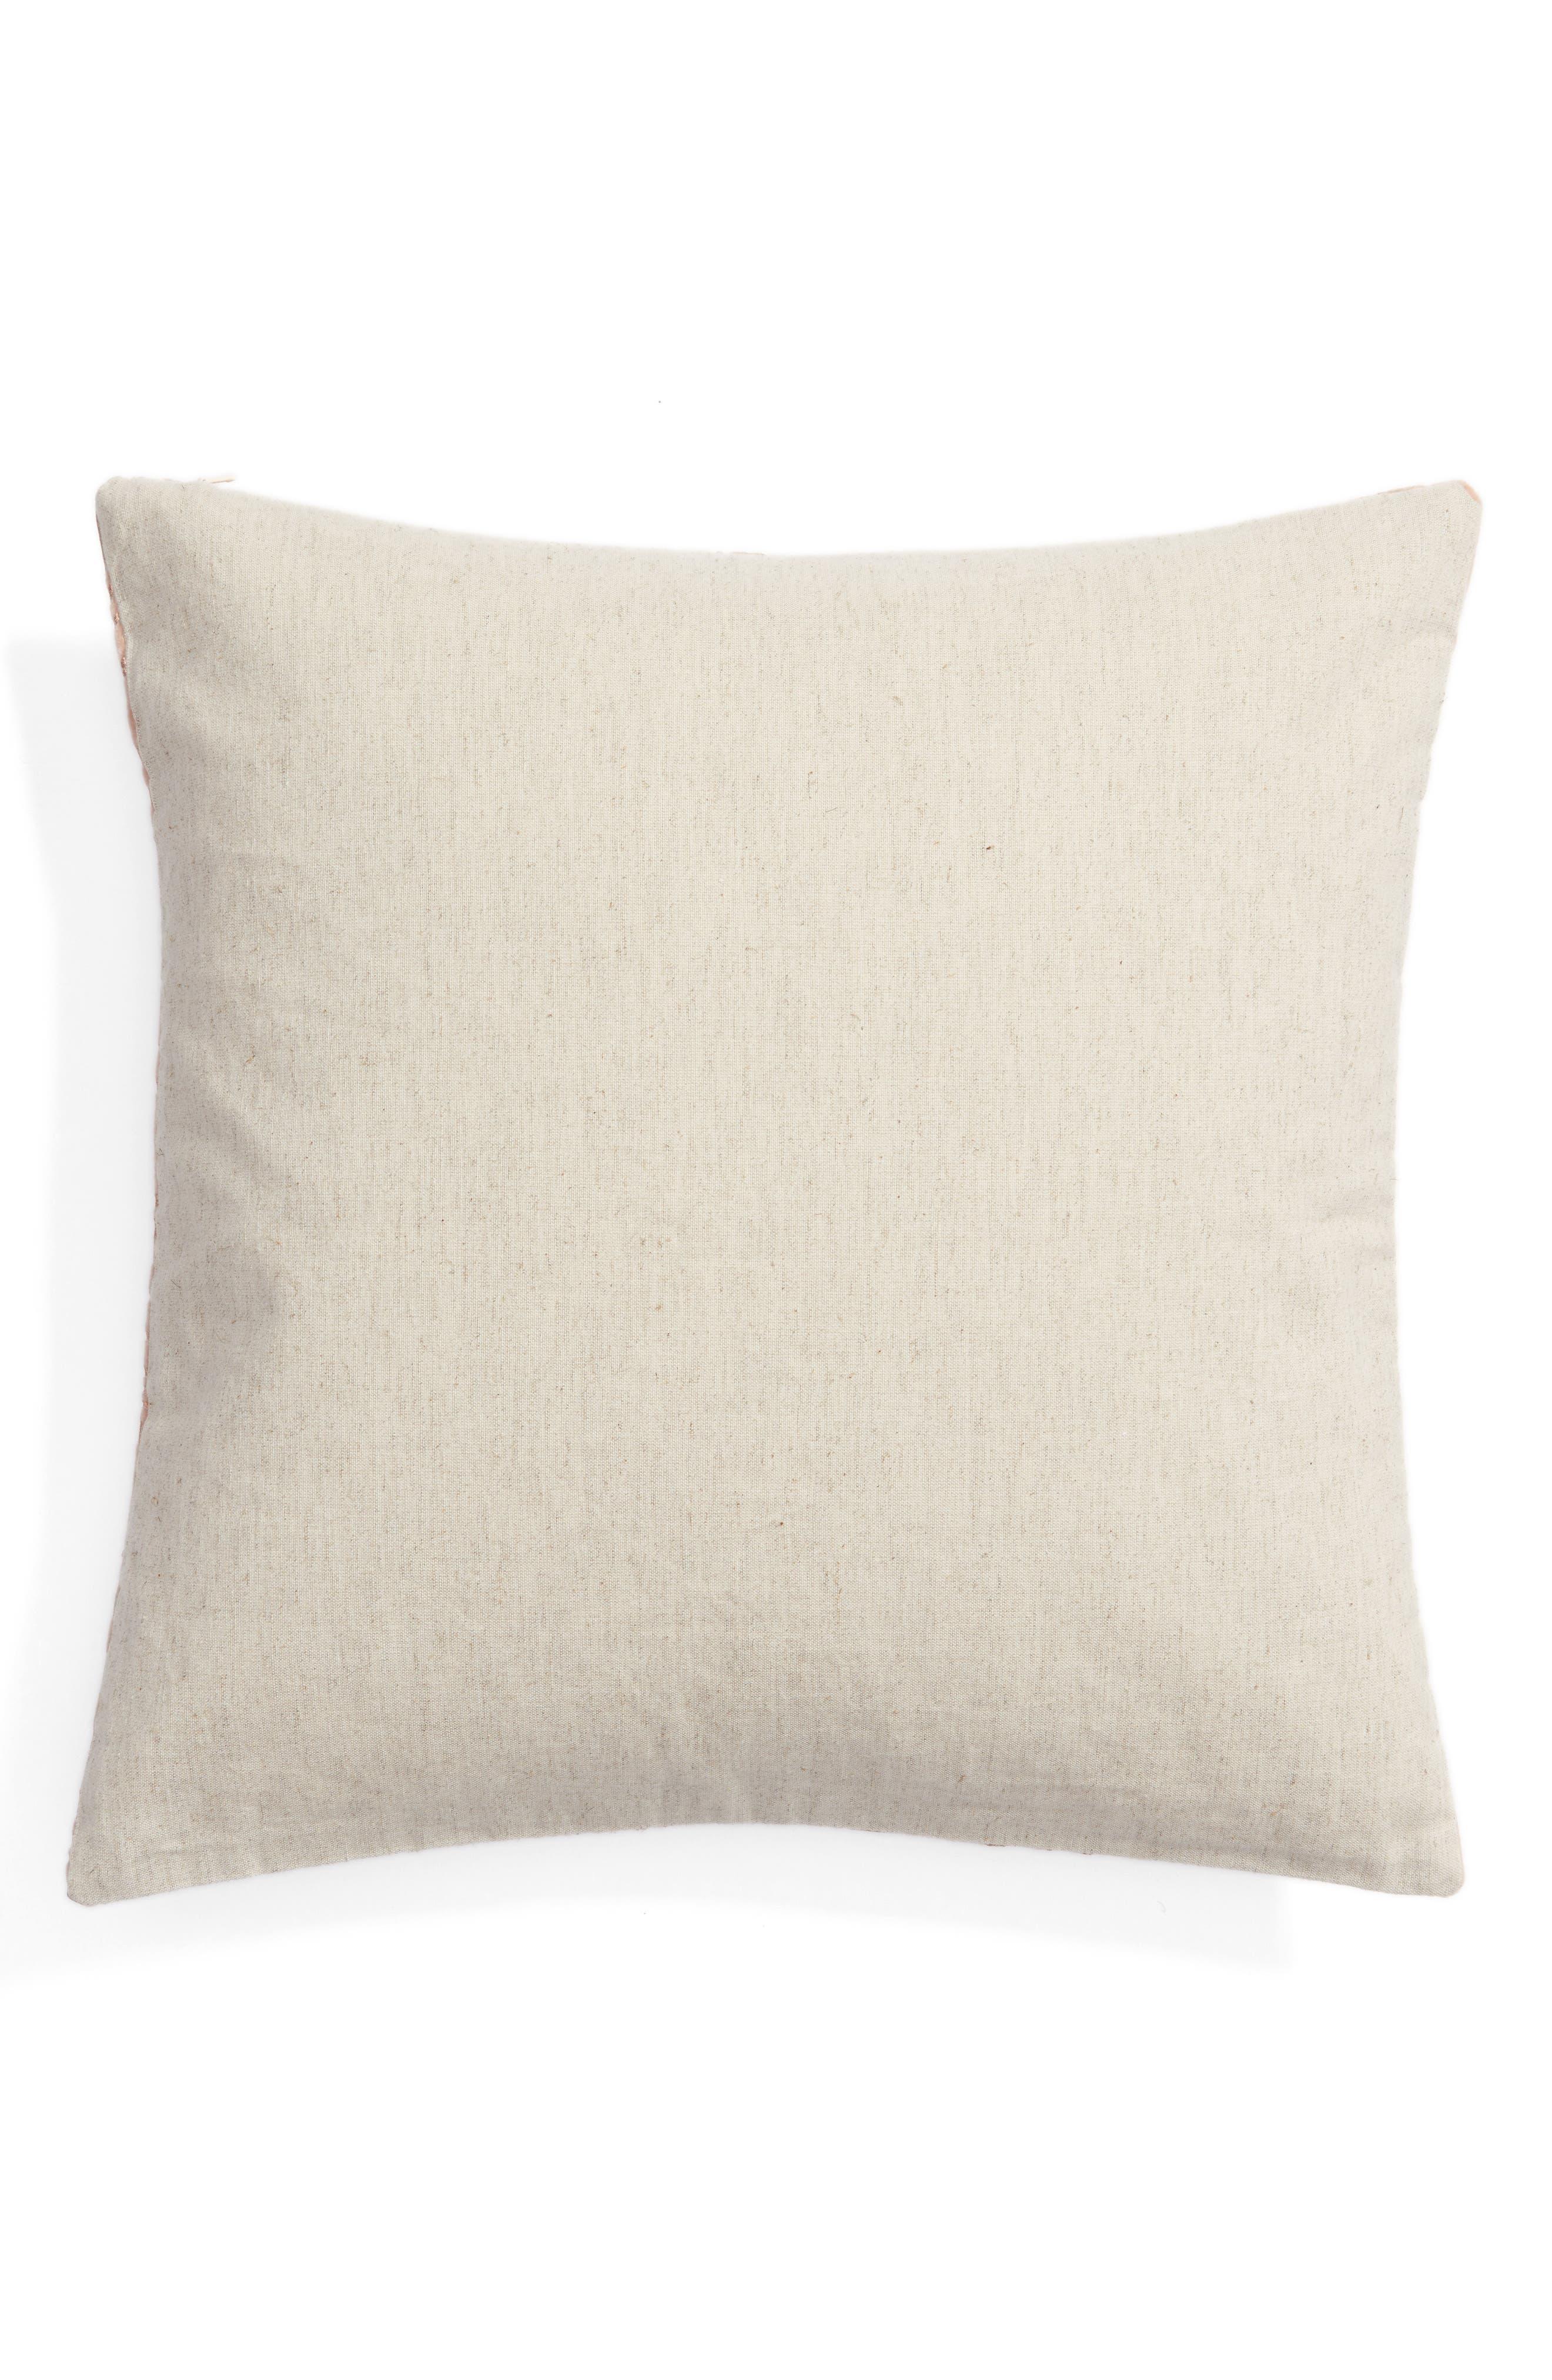 Foil Print Pillow,                             Alternate thumbnail 5, color,